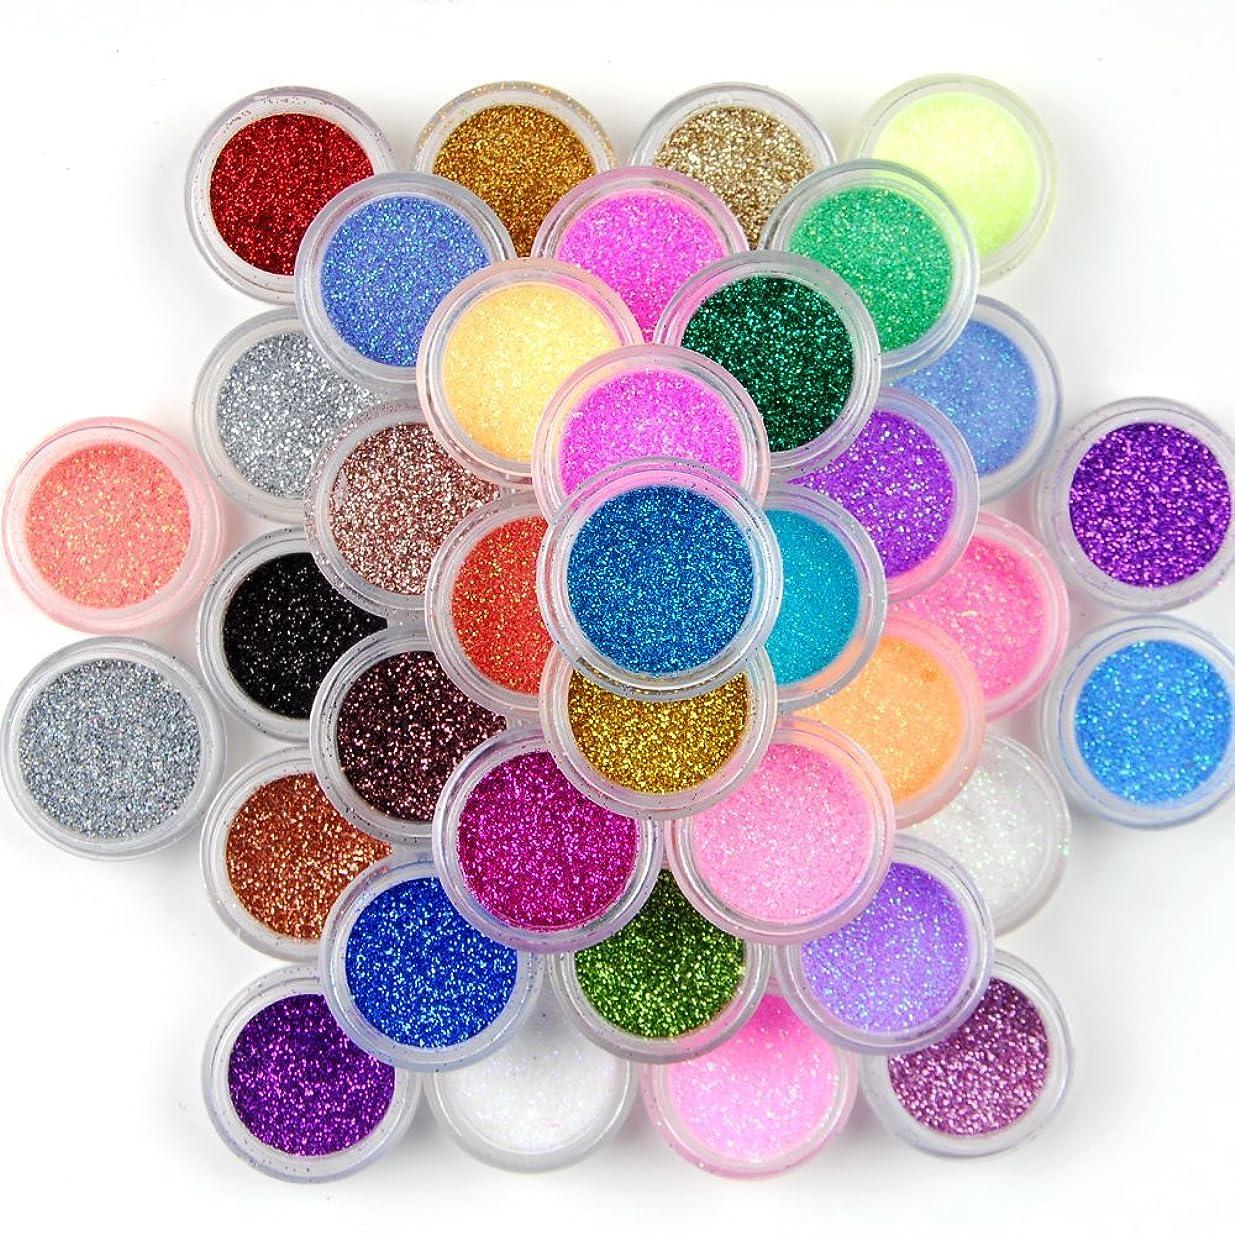 予約尋ねる売る12個ネイルアートDust Glitter Powder DIY装飾ヒント、色ランダム